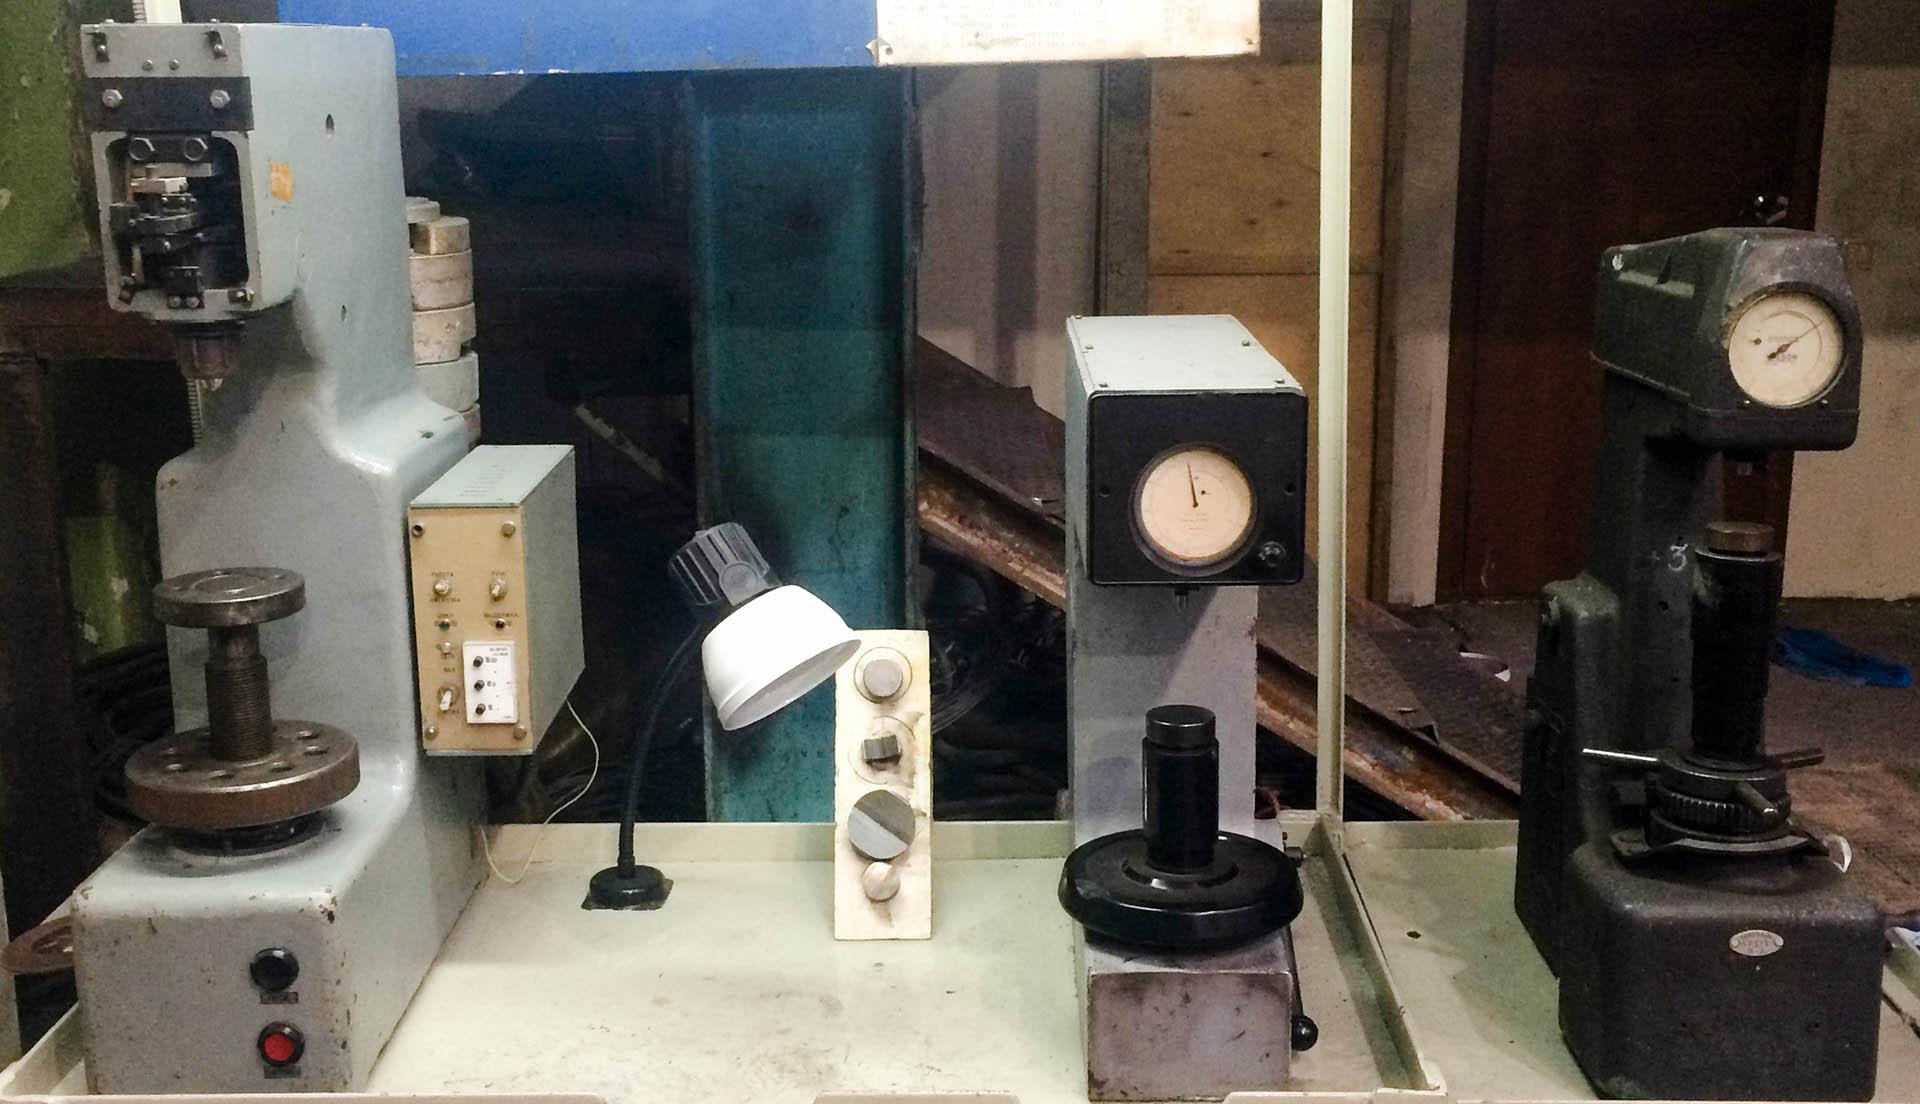 Твердомер - это прибор для измерения твердости металлов и других однородных материалов.